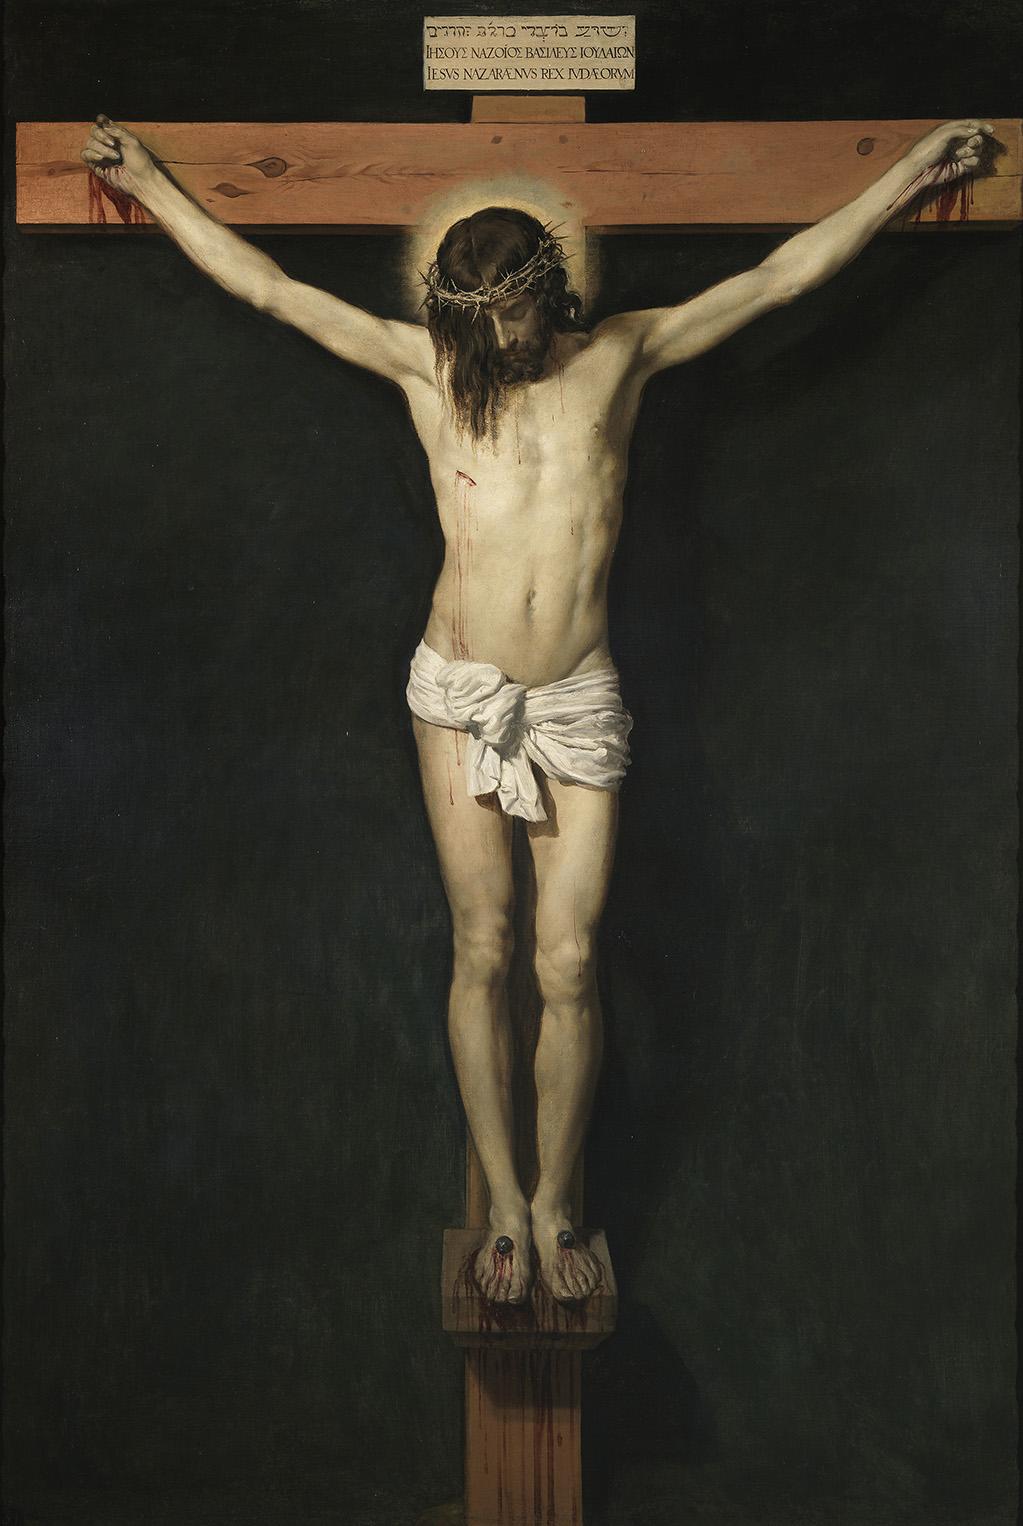 La Pasión en el Arte: el lado artístico de la religión